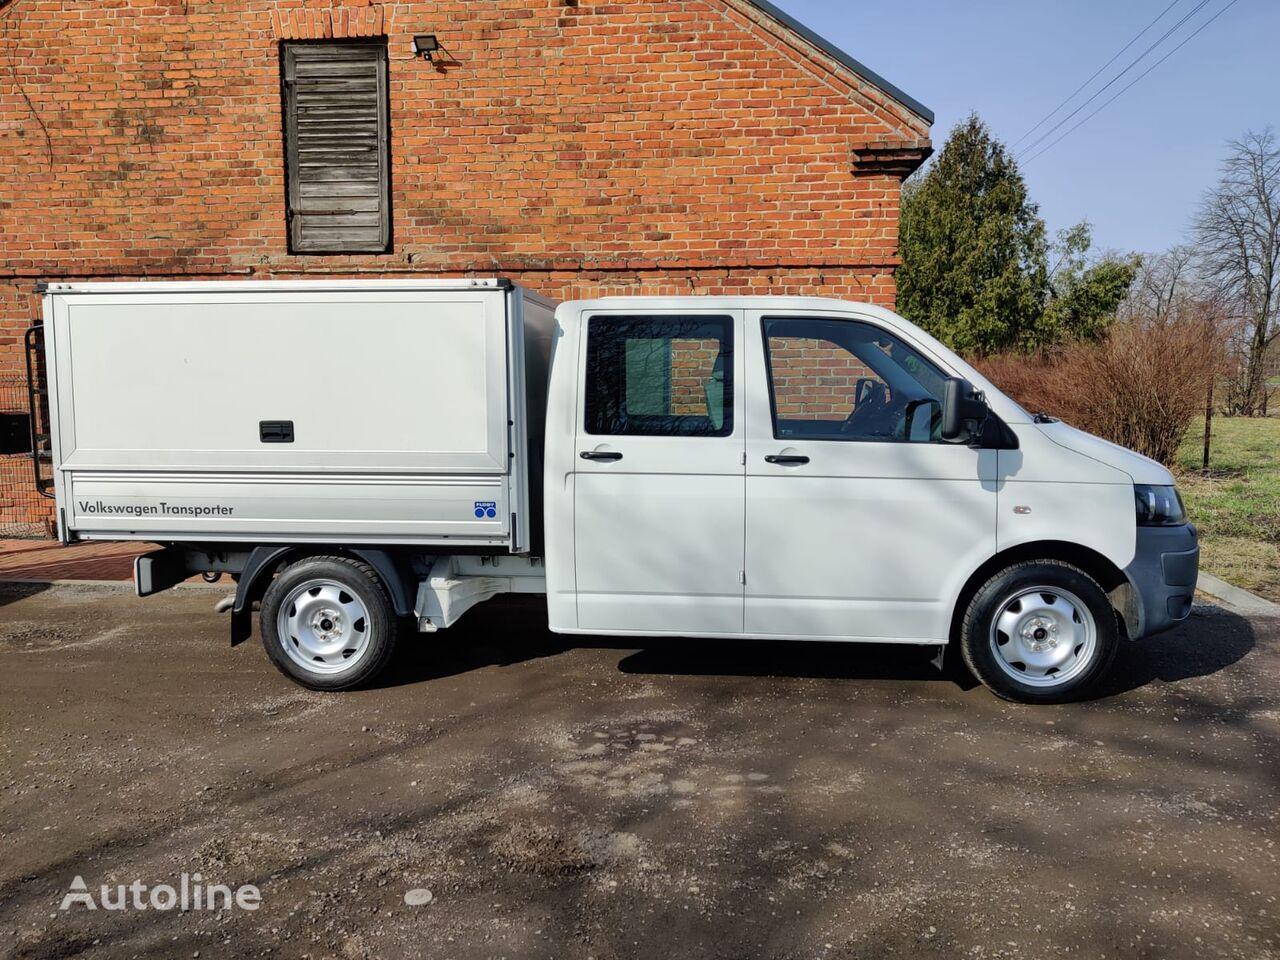 VOLKSWAGEN Transporter 4×4 camión caja abierta < 3.5t